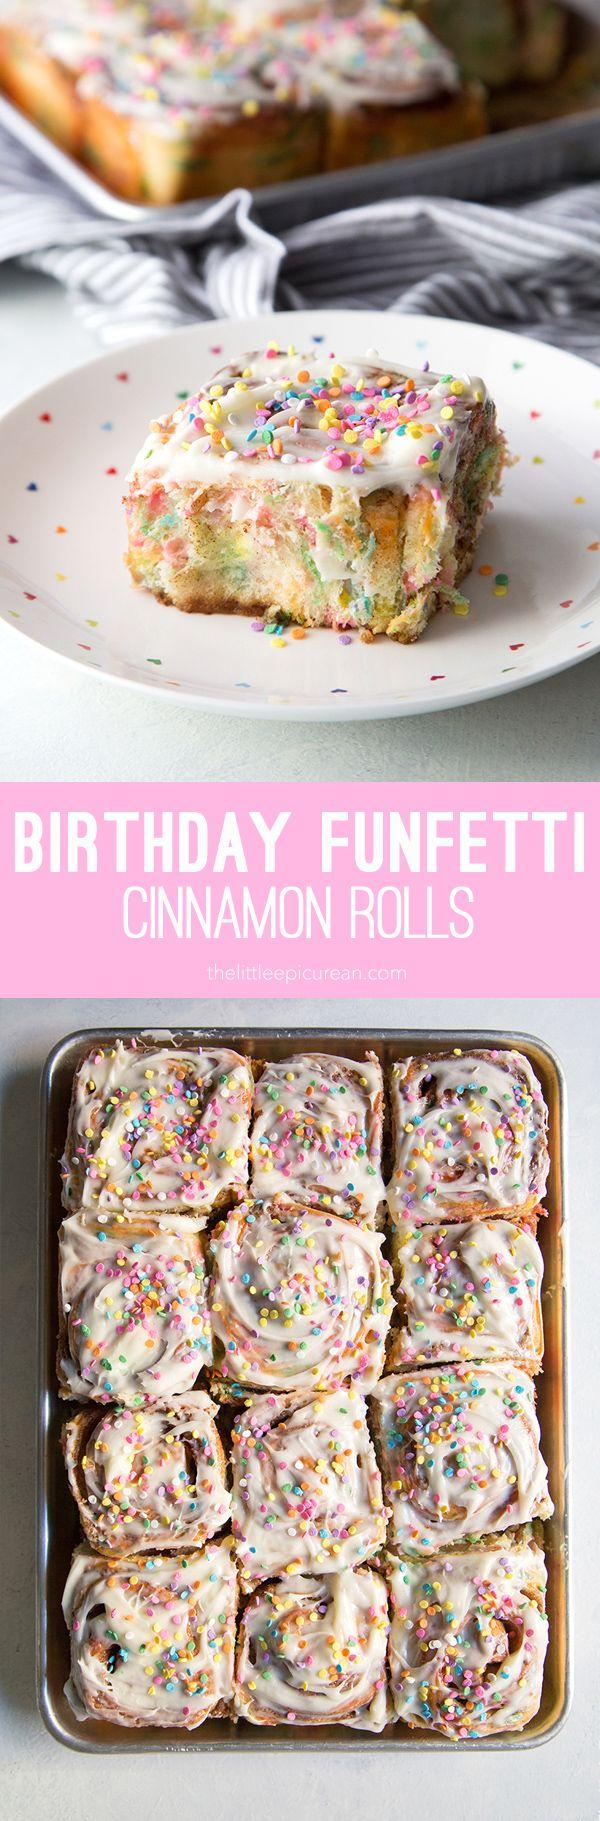 Funfetti Cinnamon Rolls                                                                                                                                                                                 More